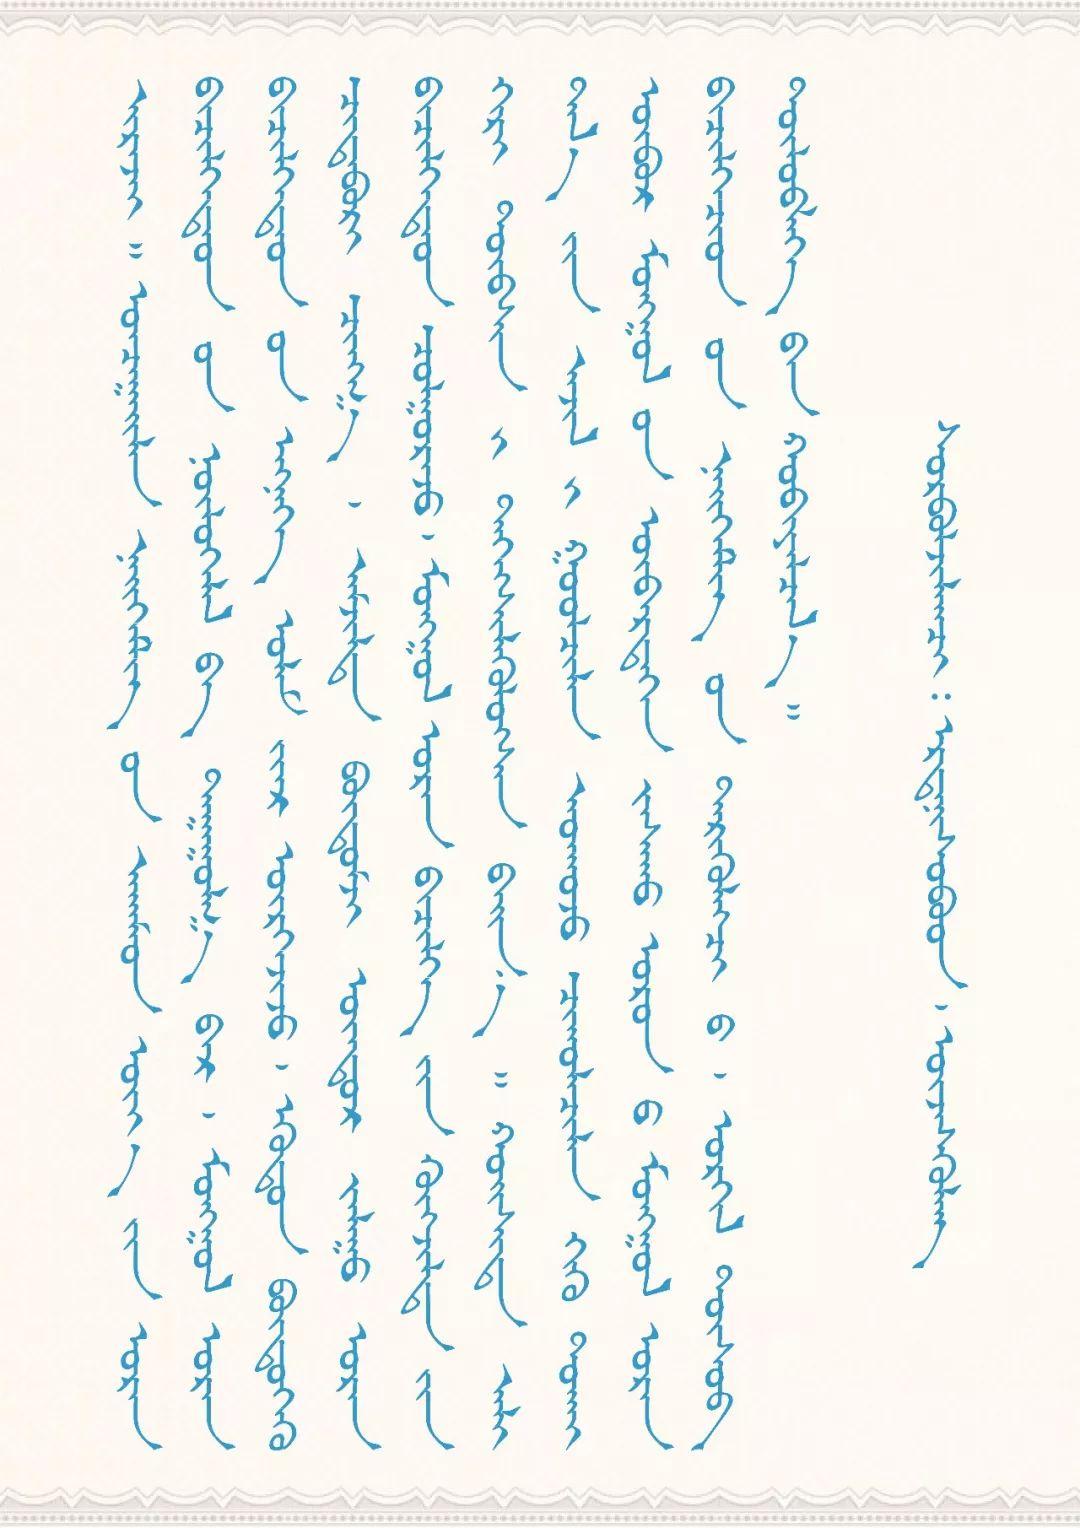 吉祥的哈达蒙古文书法系列活动 第3张